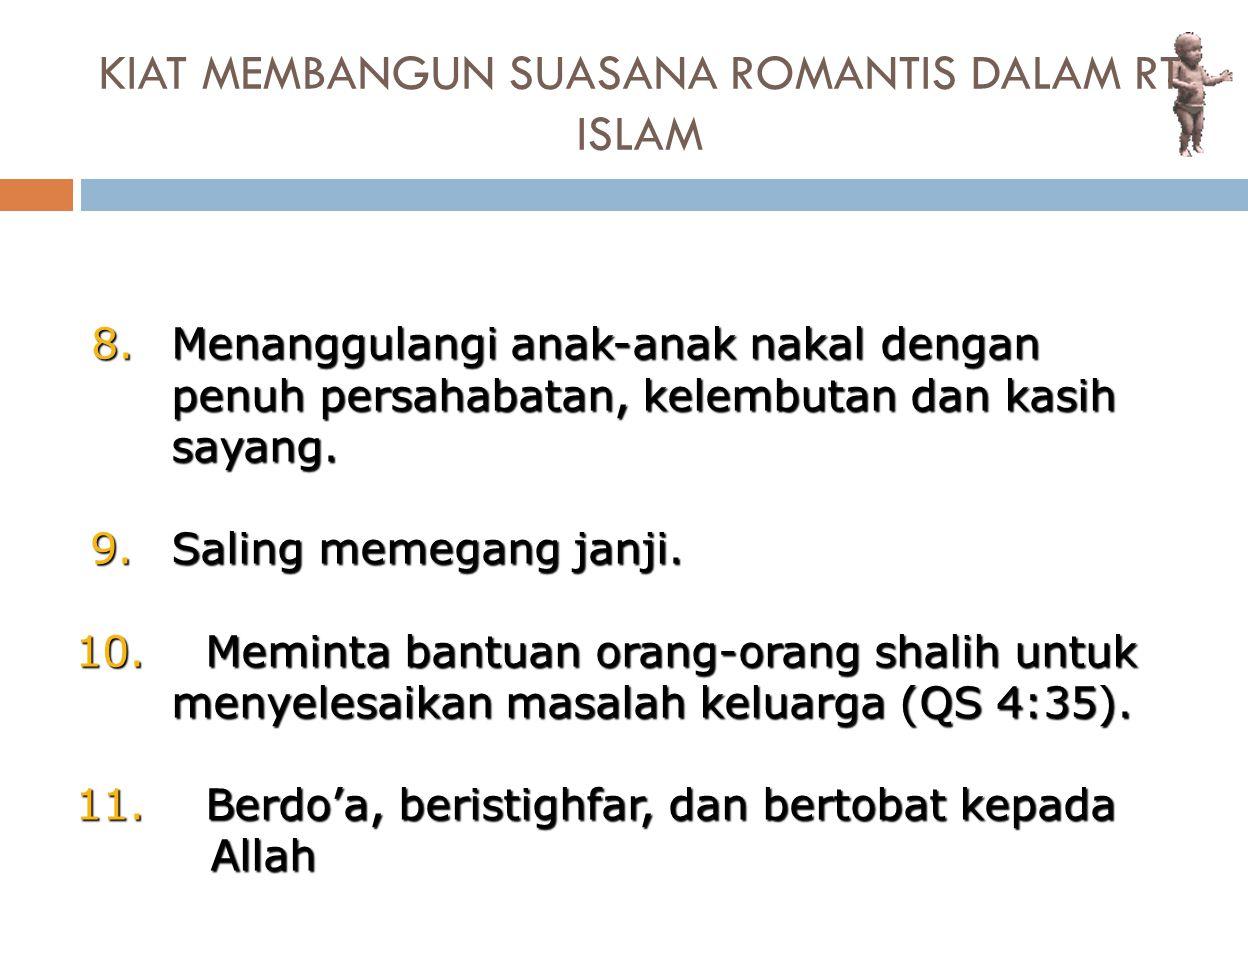 KIAT MEMBANGUN SUASANA ROMANTIS DALAM RT ISLAM